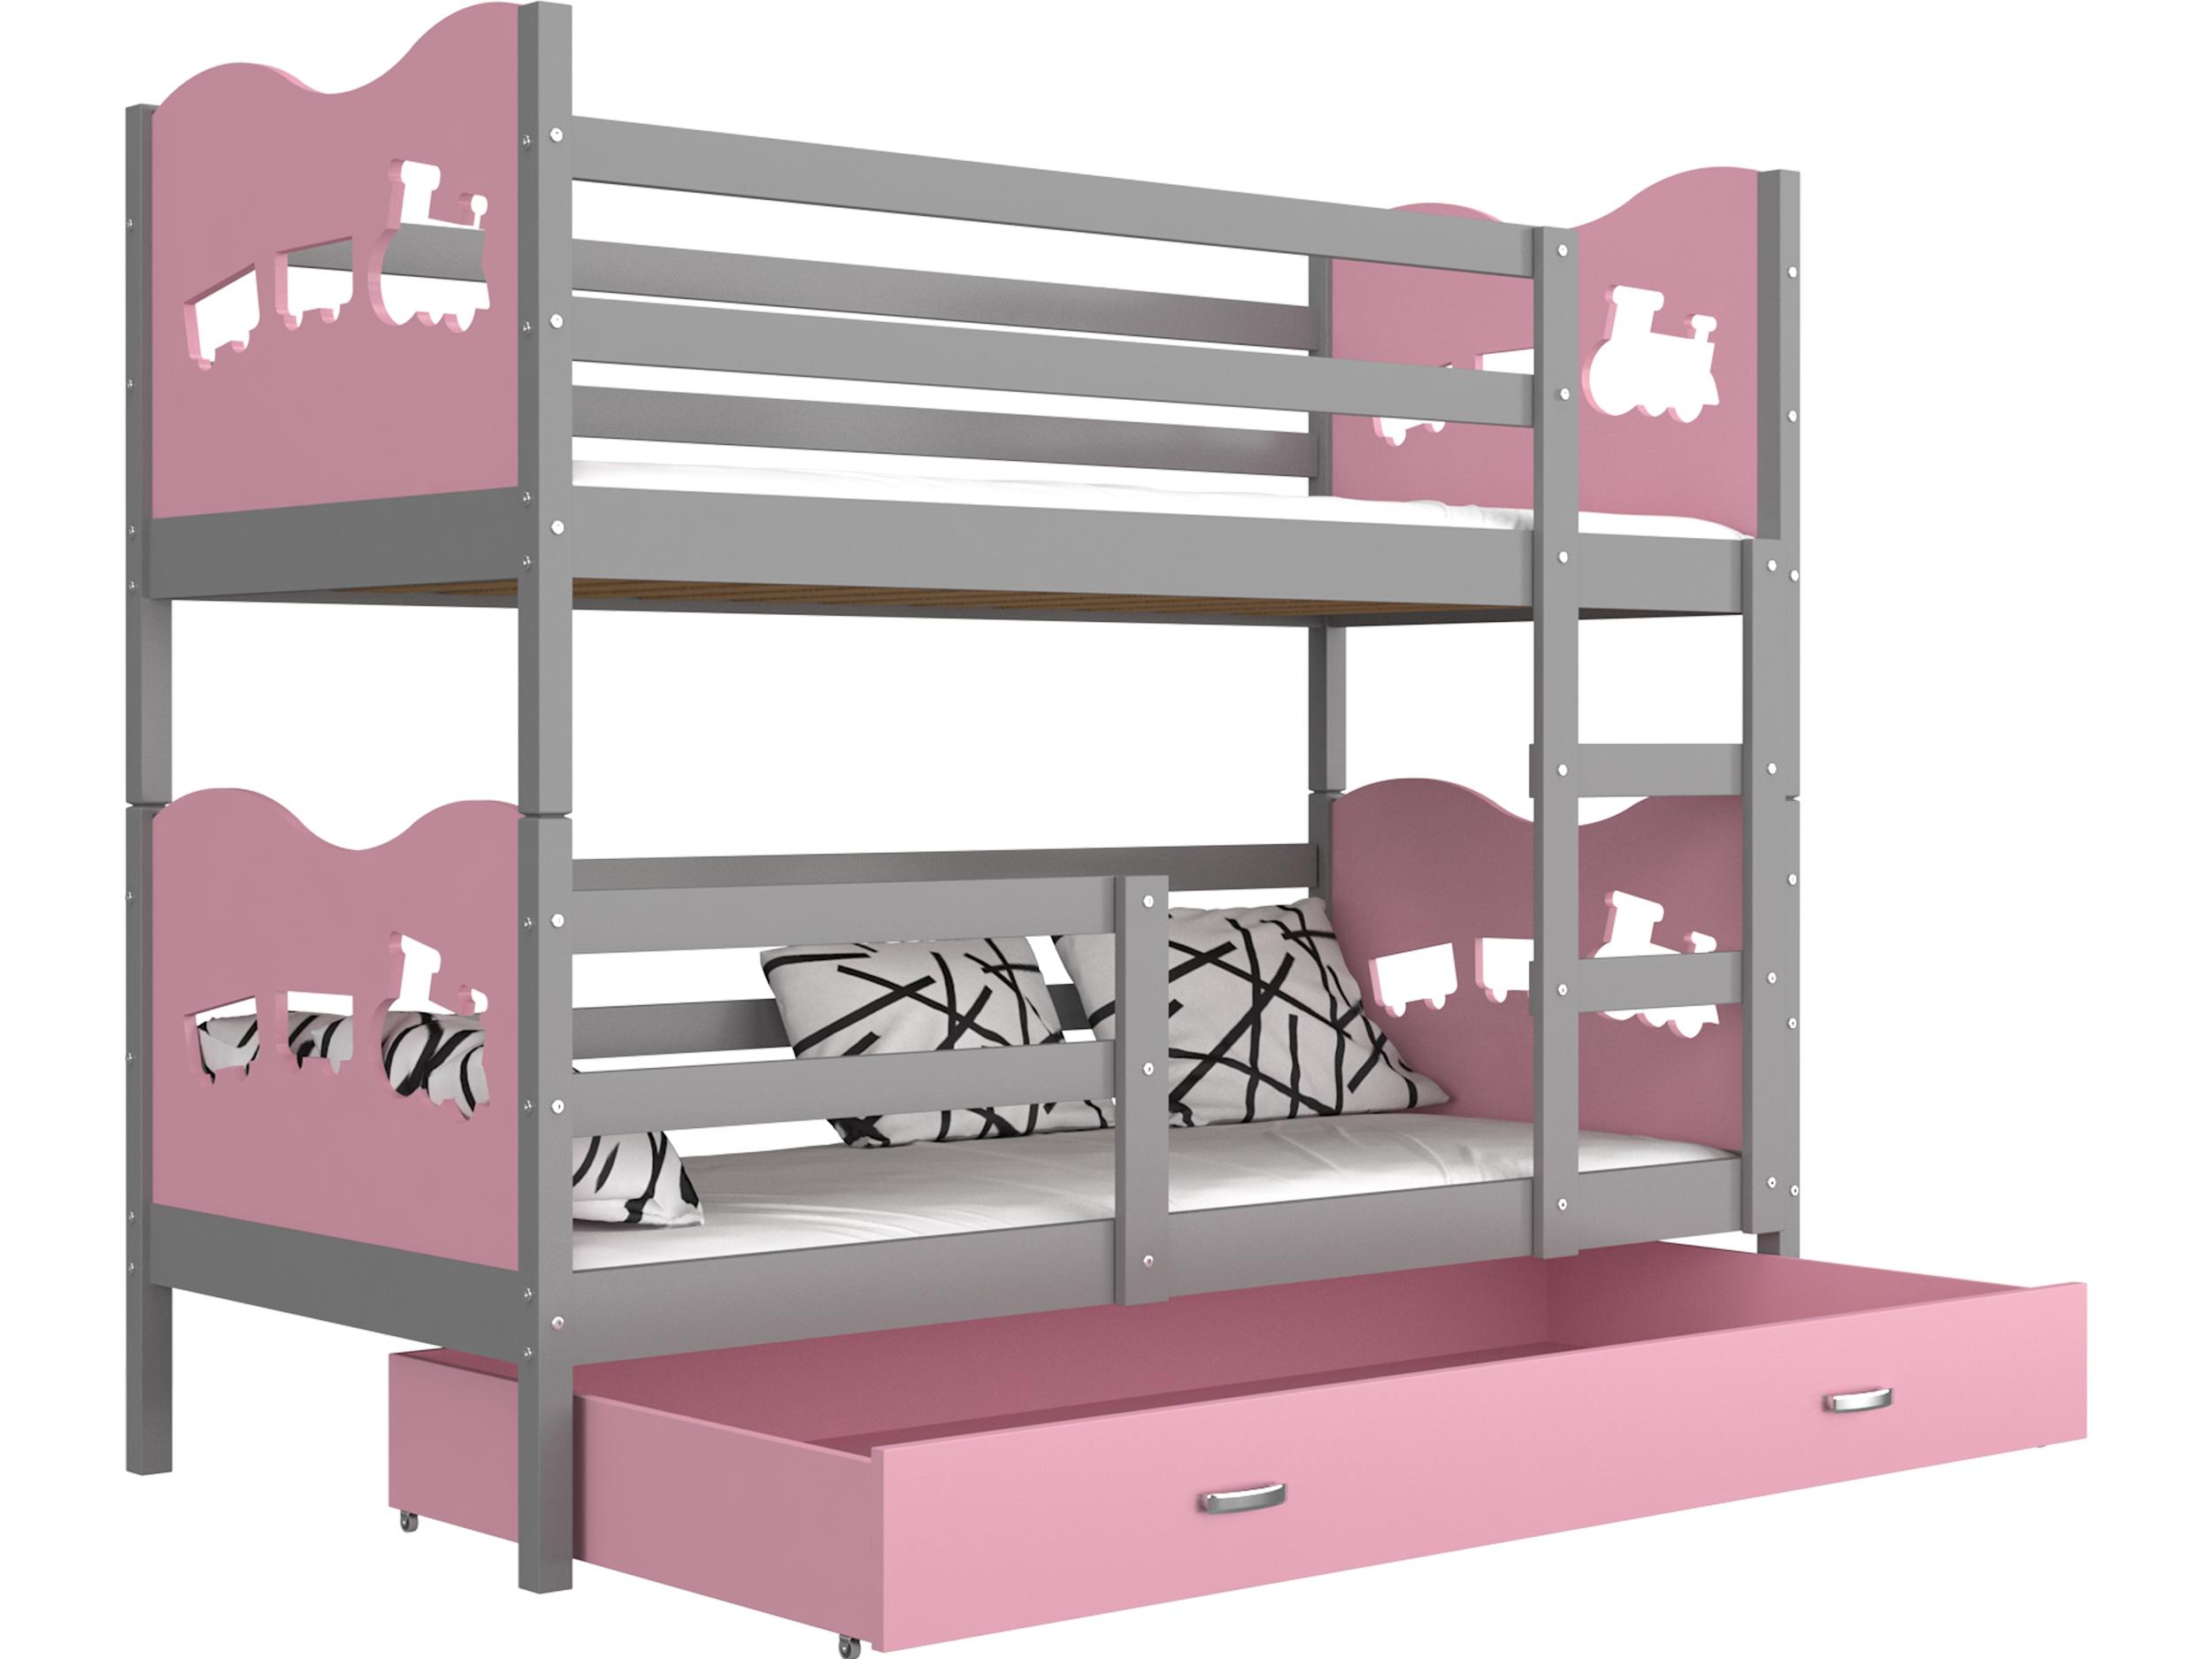 ArtAJ Detská poschodová posteľ MAX / MDF 160 x 80 cm Farba: Sivá / ružová, Prevedenie: bez matraca 160 x 80 cm